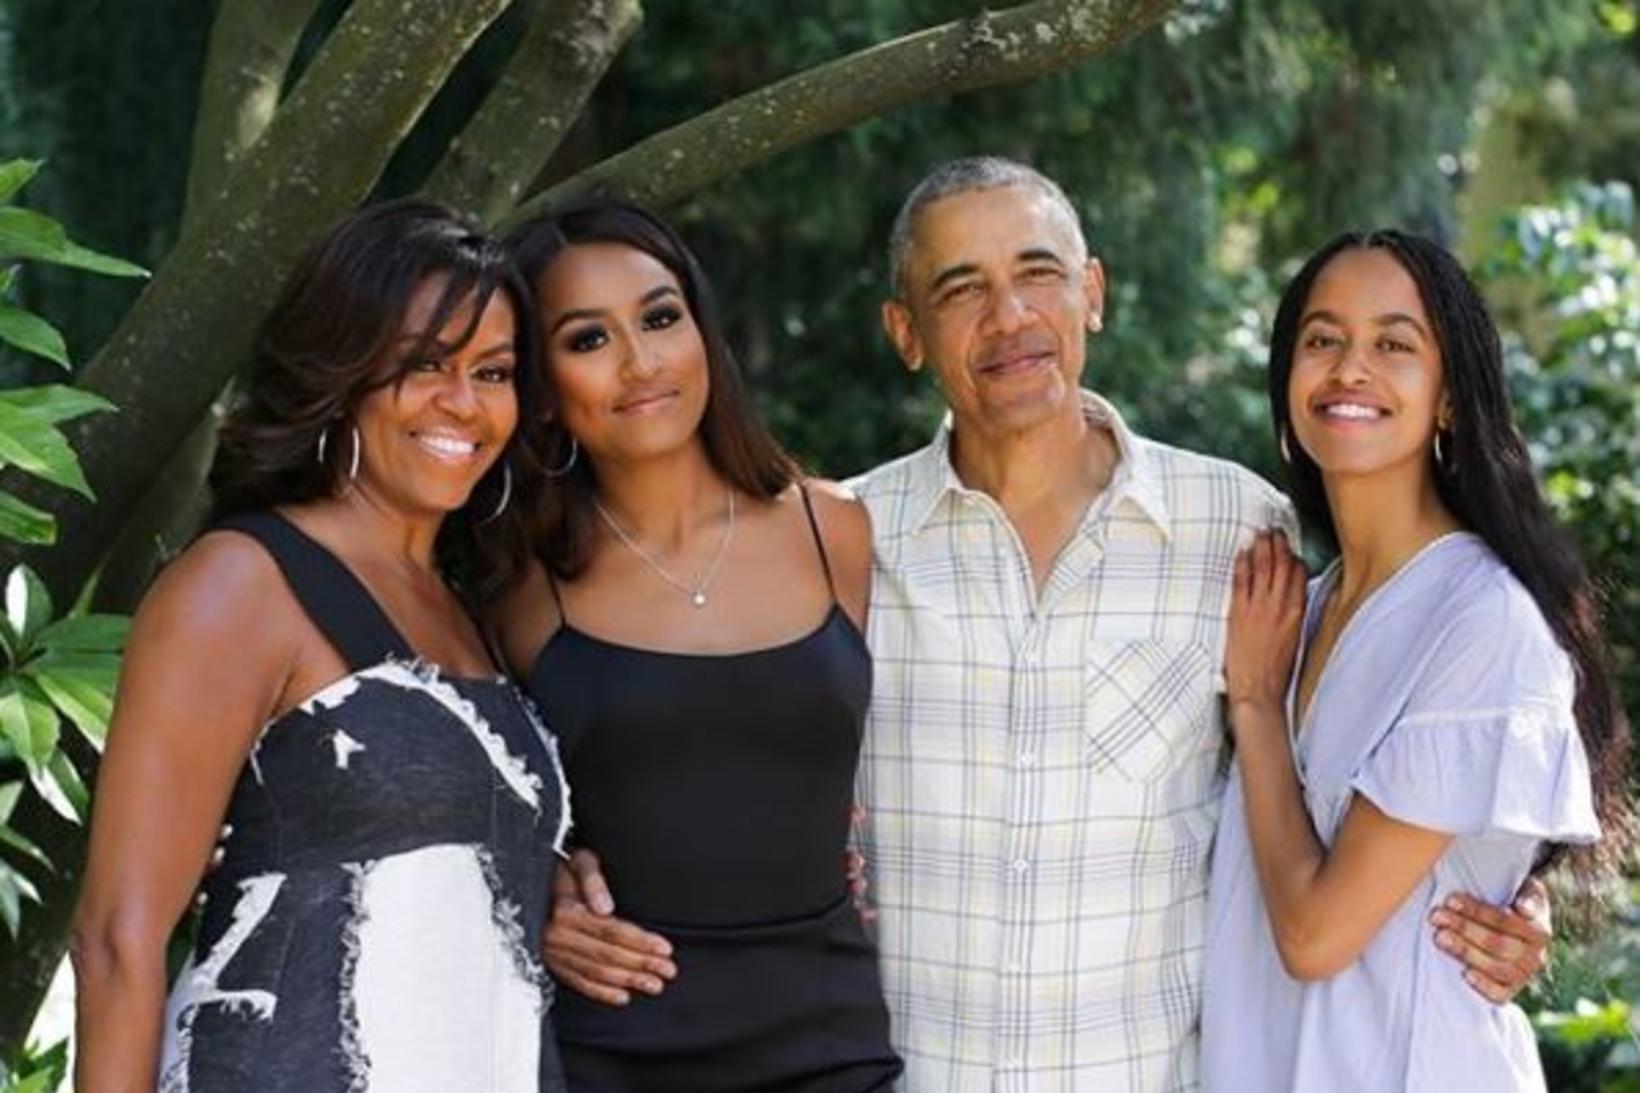 Sasha Obama stendur á milli foreldra sinna.